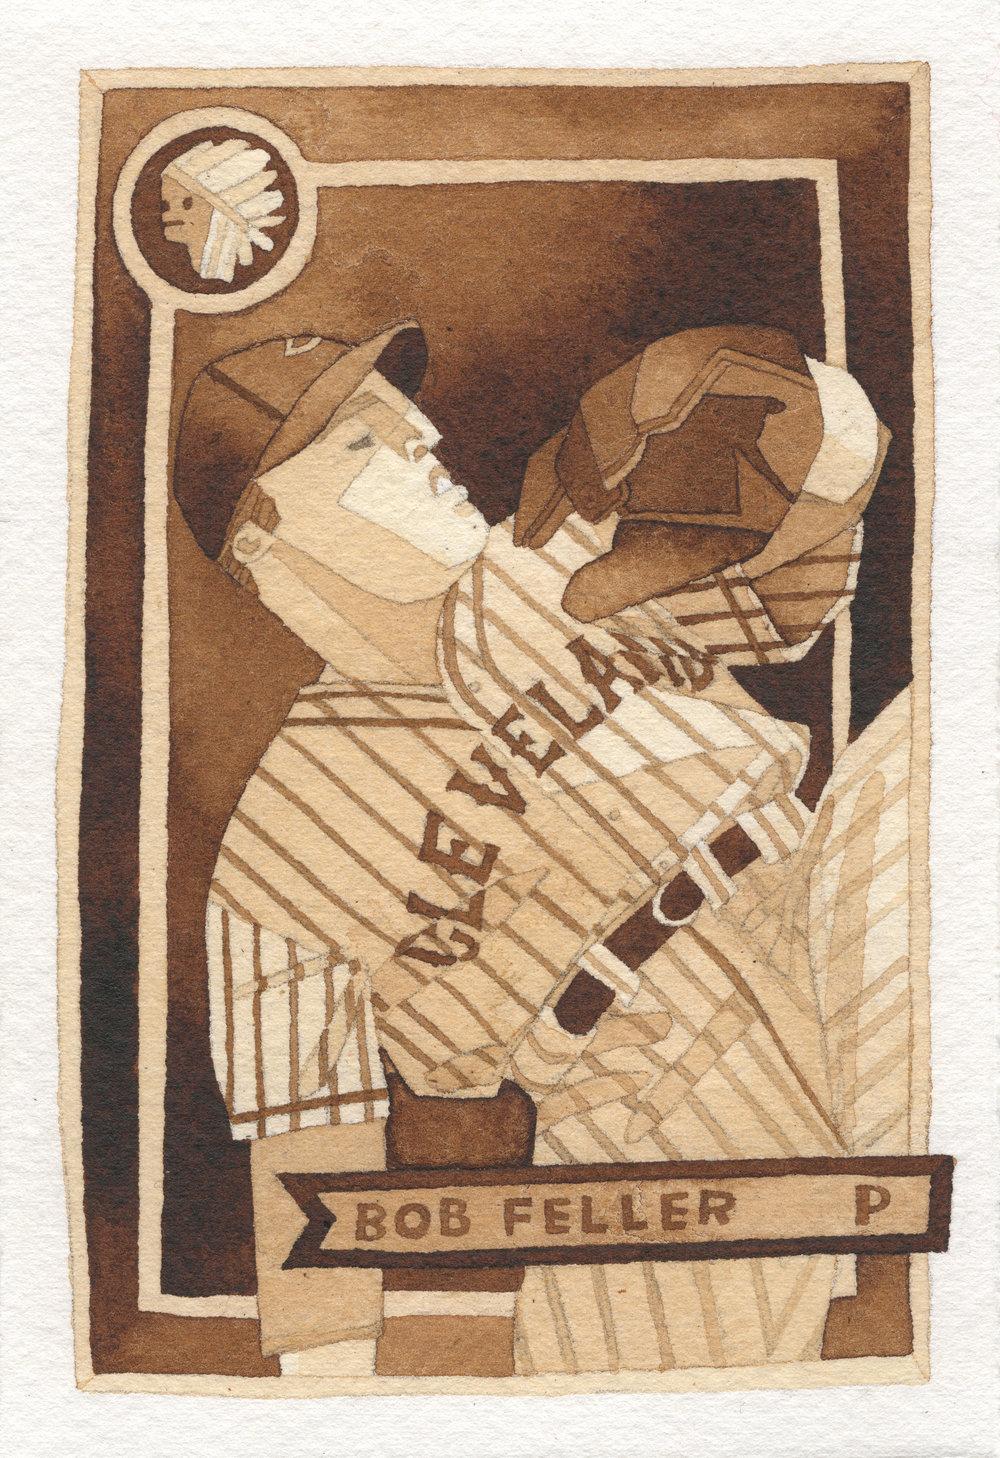 BaseballCardFeller.jpg